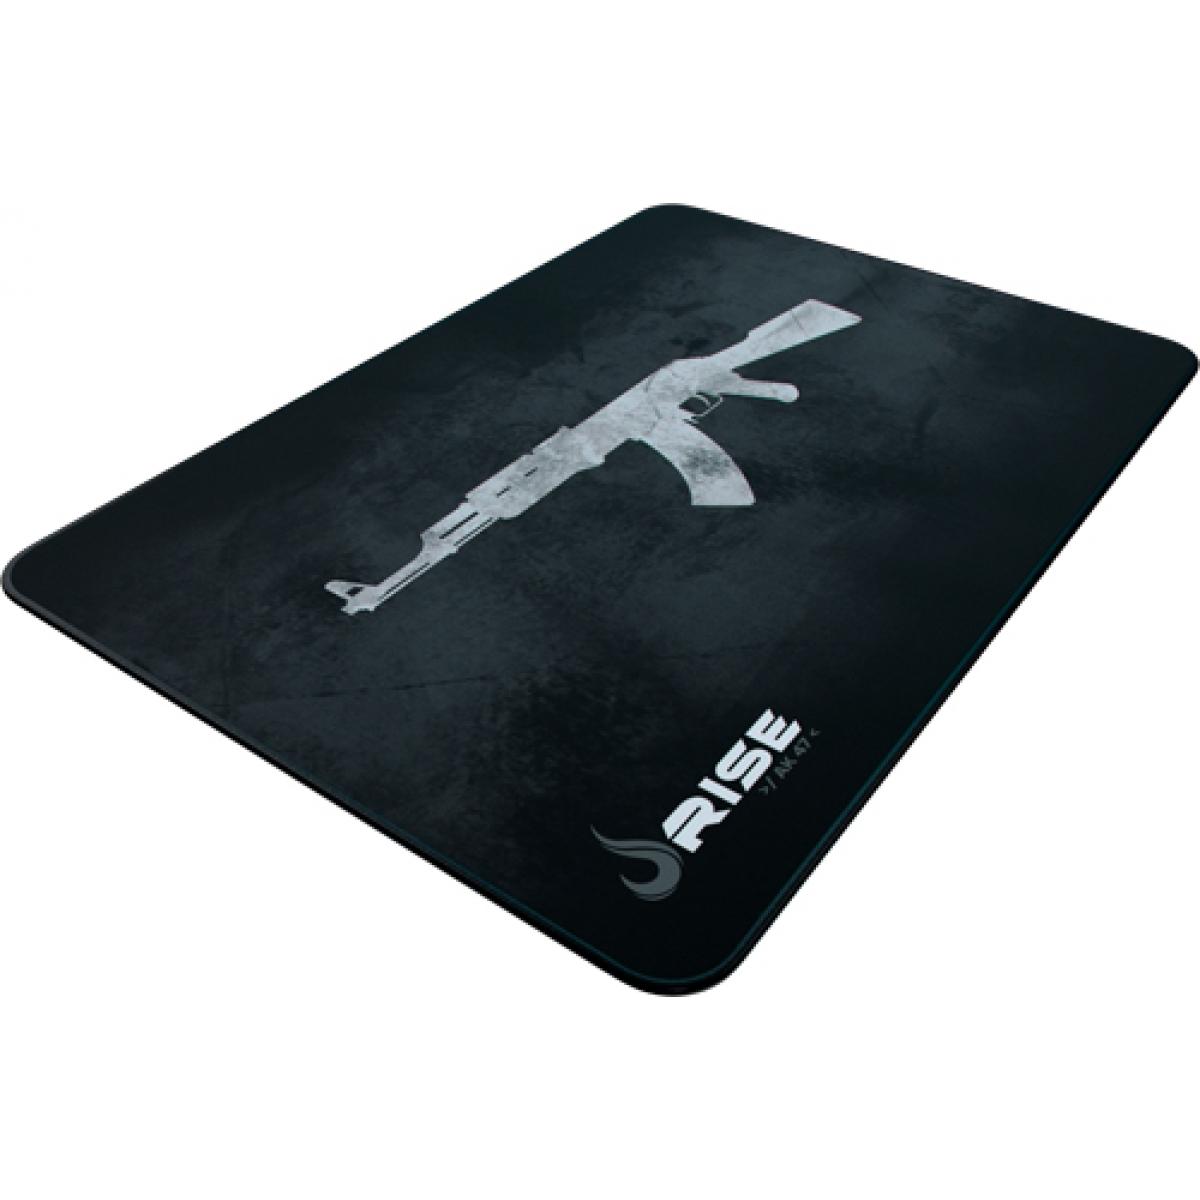 Mouse Pad Gamer Rise AK47 RG-MP-05-AK Grande Borda Costurada